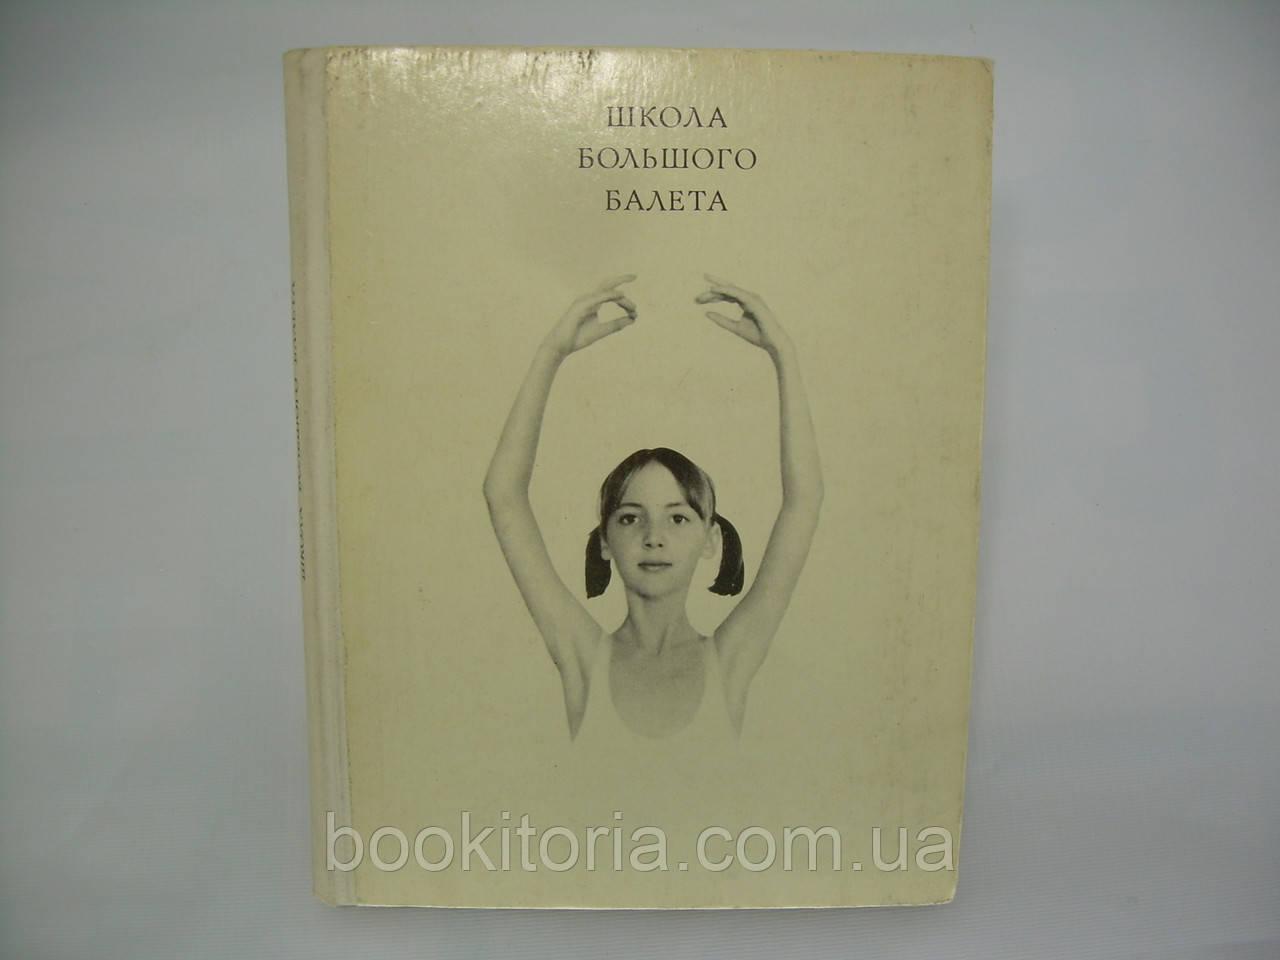 Жданов Л. Школа большого балета. Альбом (б/у).